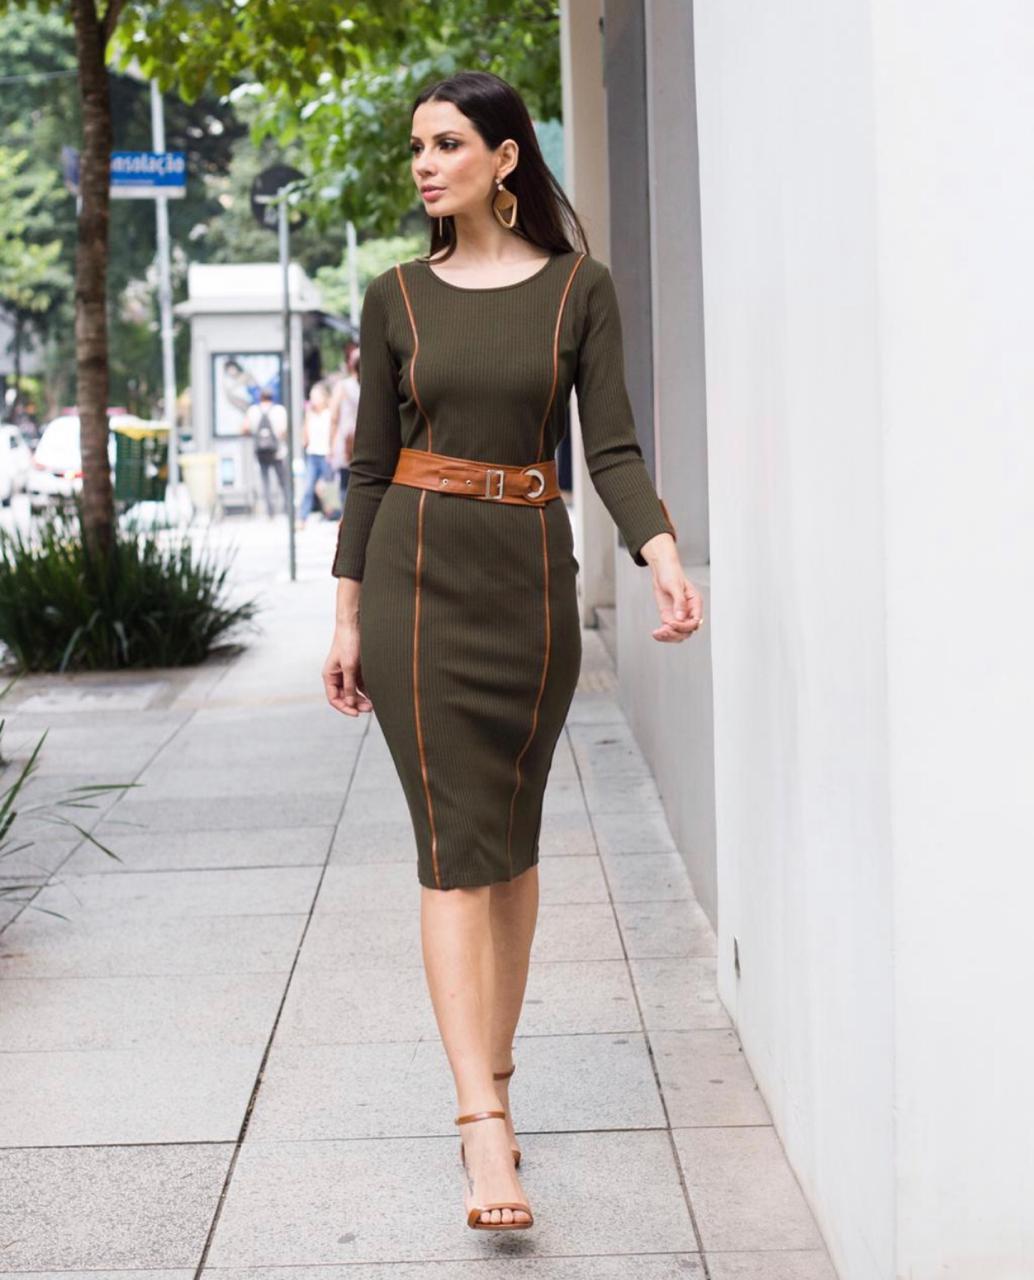 Vestido Pamela Midi Canelado Detalhe em Couro + Cinto Cores Terra, Verde e Preto